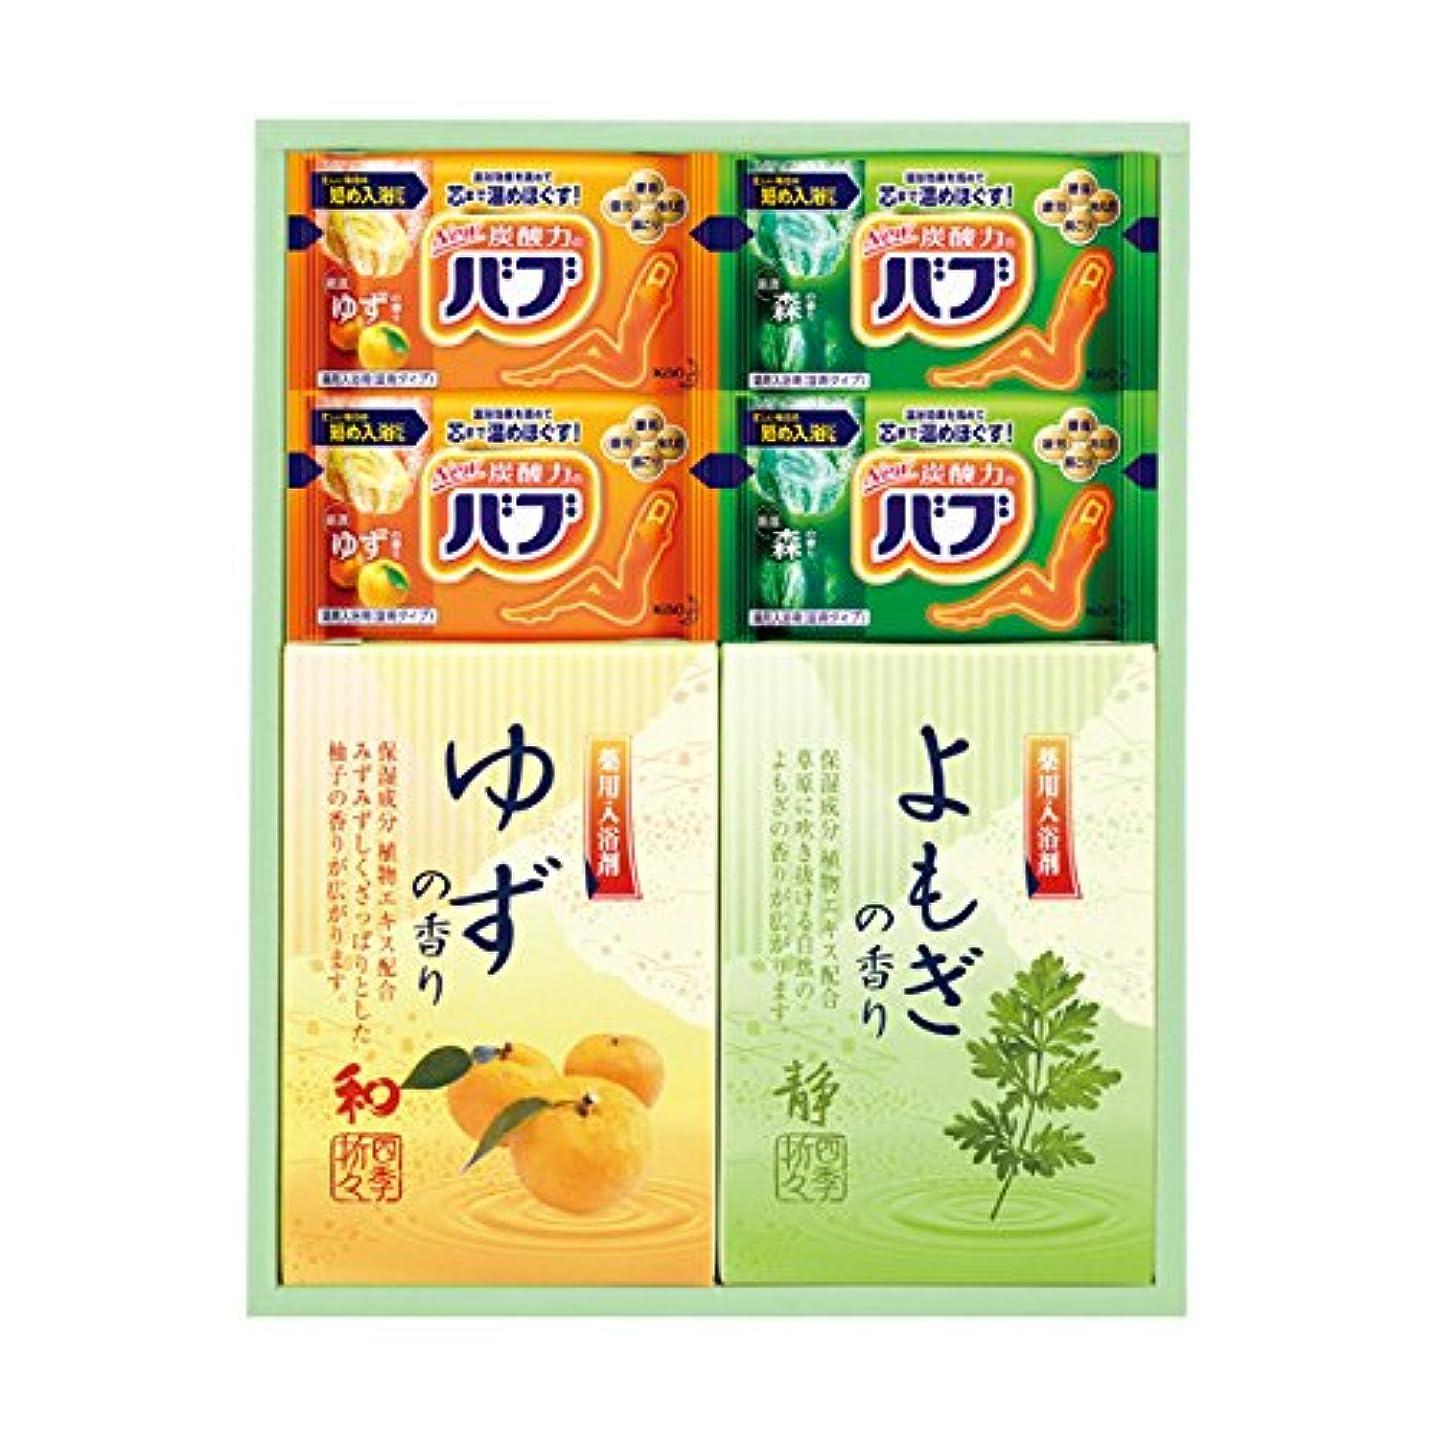 床卒業ショート炭酸 薬用入浴剤セット BKK-10 BKK-10